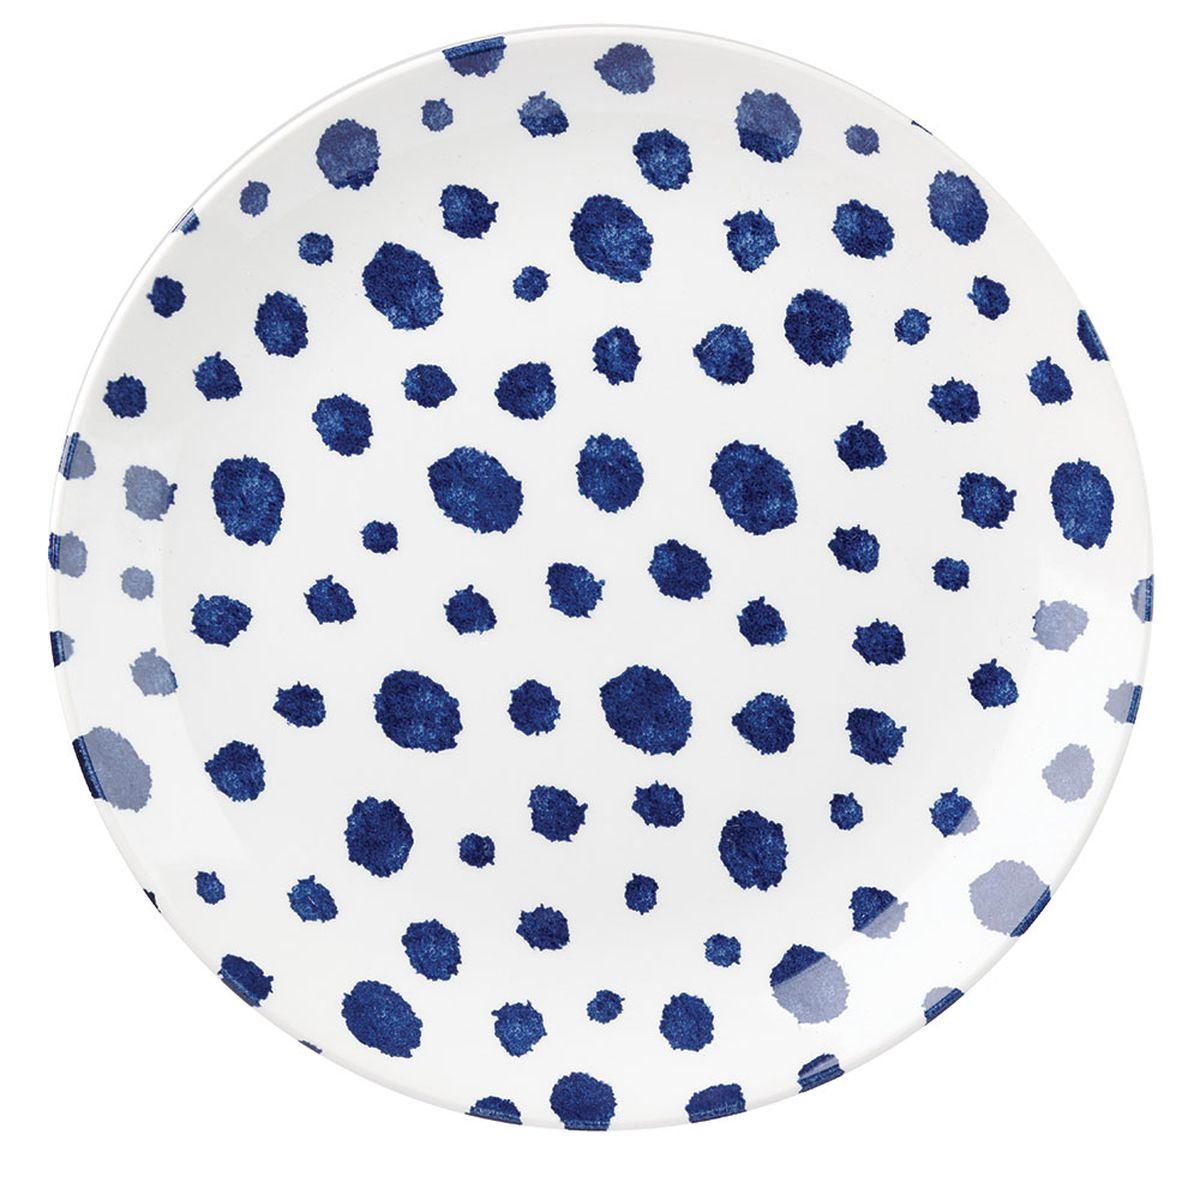 Тарелка Churchill Инки, диаметр 26 смINKI00071Тарелка Churchill Инки, изготовленная извысококачественного фаянса, имеет классическую круглуюформу. Она прекрасно впишется в интерьер вашей кухни истанет достойным дополнением к кухонному инвентарю.Тарелка Churchill Инки подчеркнетпрекрасный вкус хозяйки и станет отличным подарком. Диаметр тарелки (по верхнему краю): 26 см.